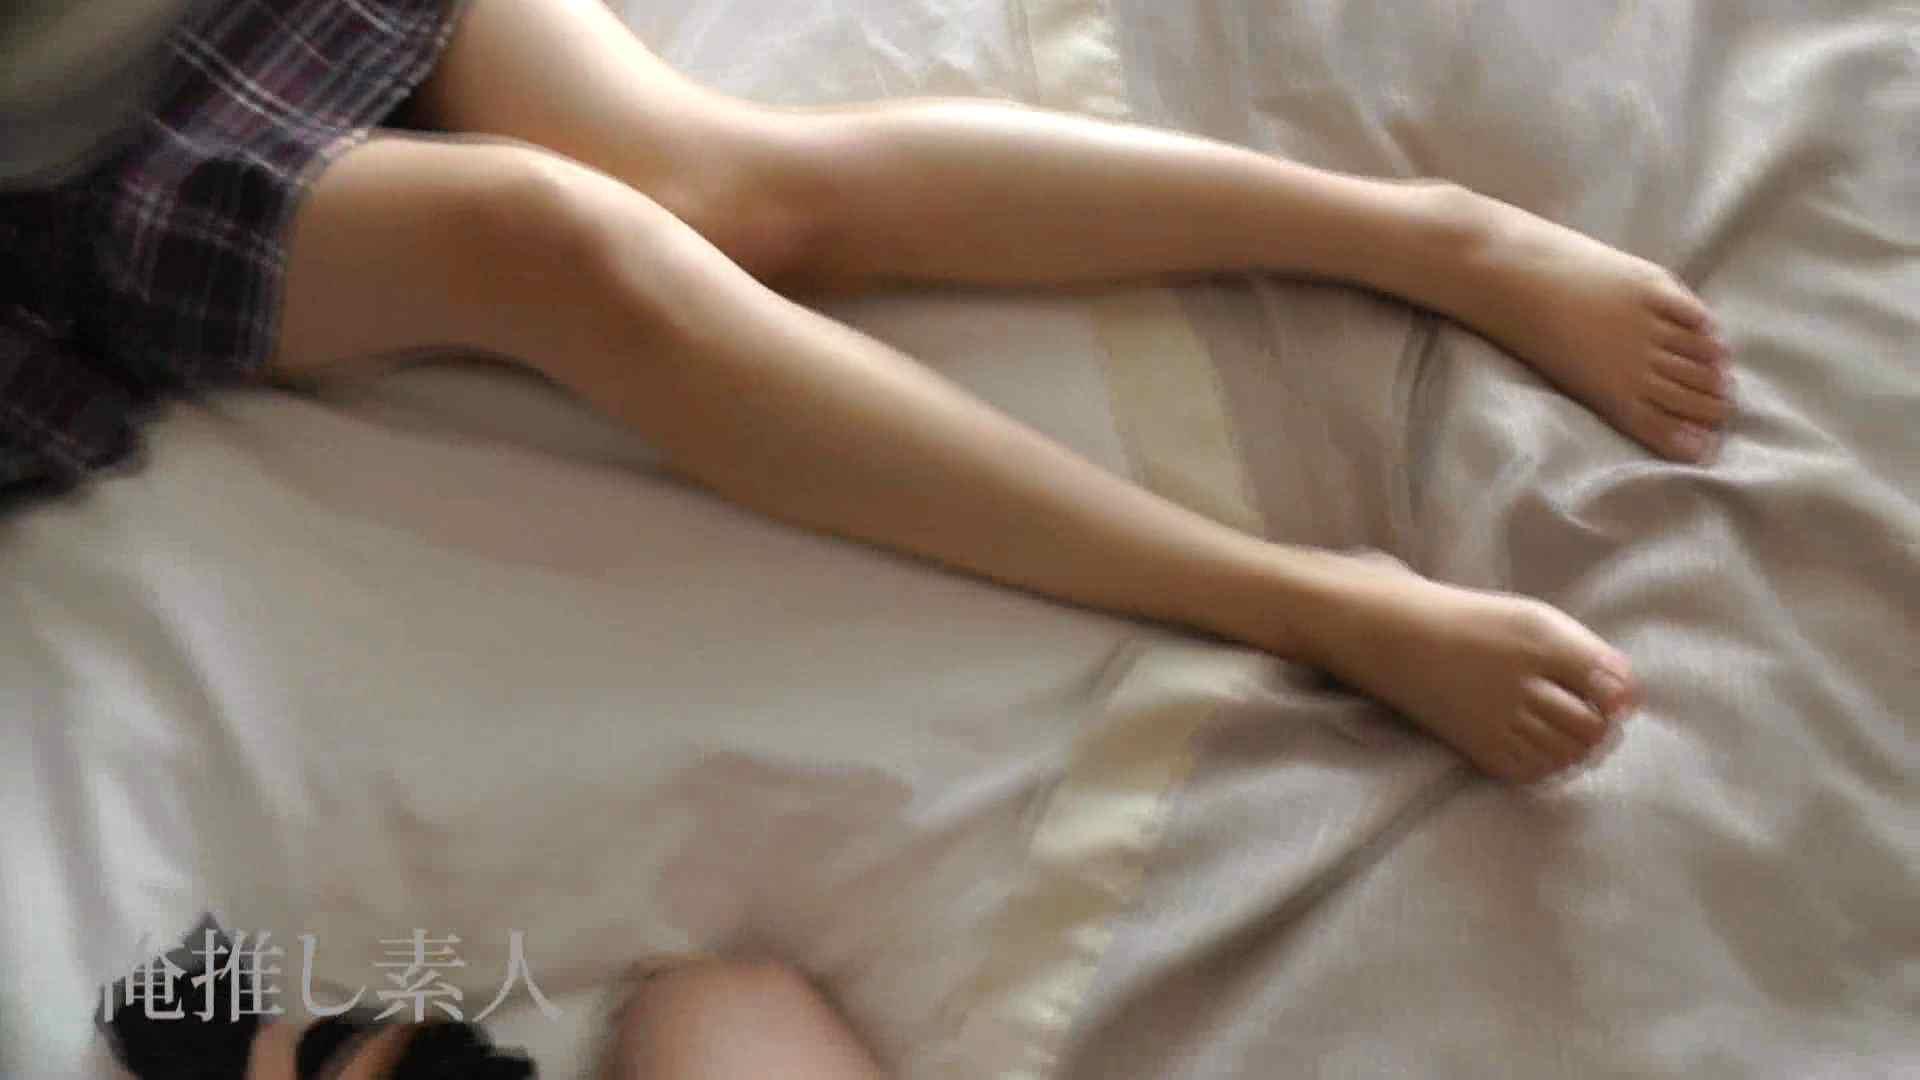 俺推し素人 キャバクラ嬢26歳久美vol6 コスプレガール おまんこ無修正動画無料 100pic 34